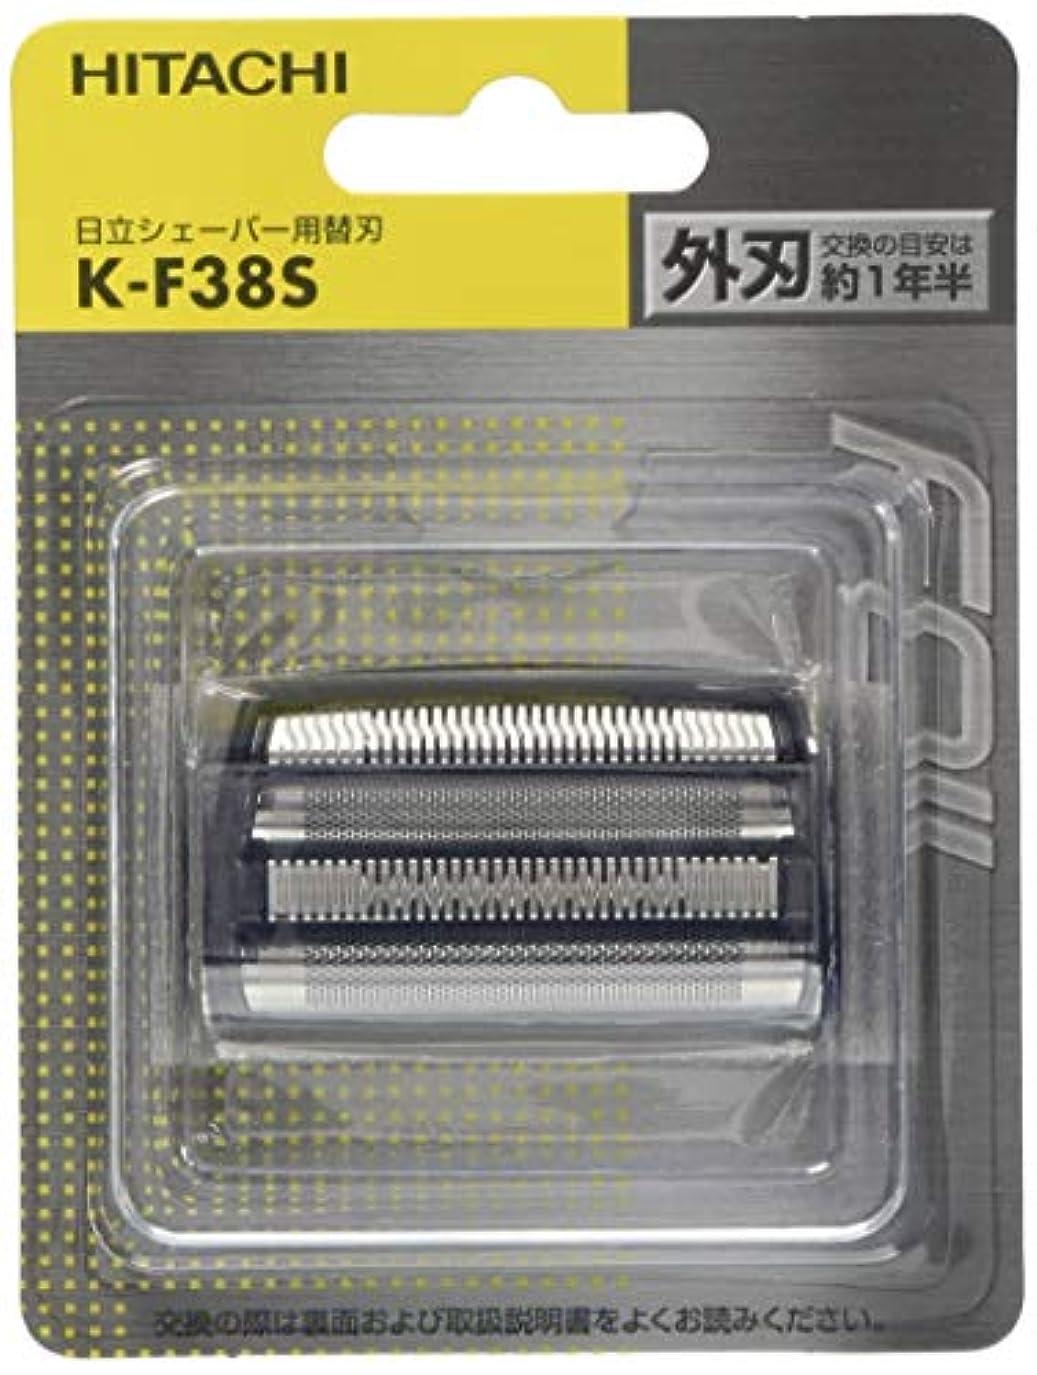 大通り無し申請者日立 メンズシェーバー用替刃(外刃) K-F38S